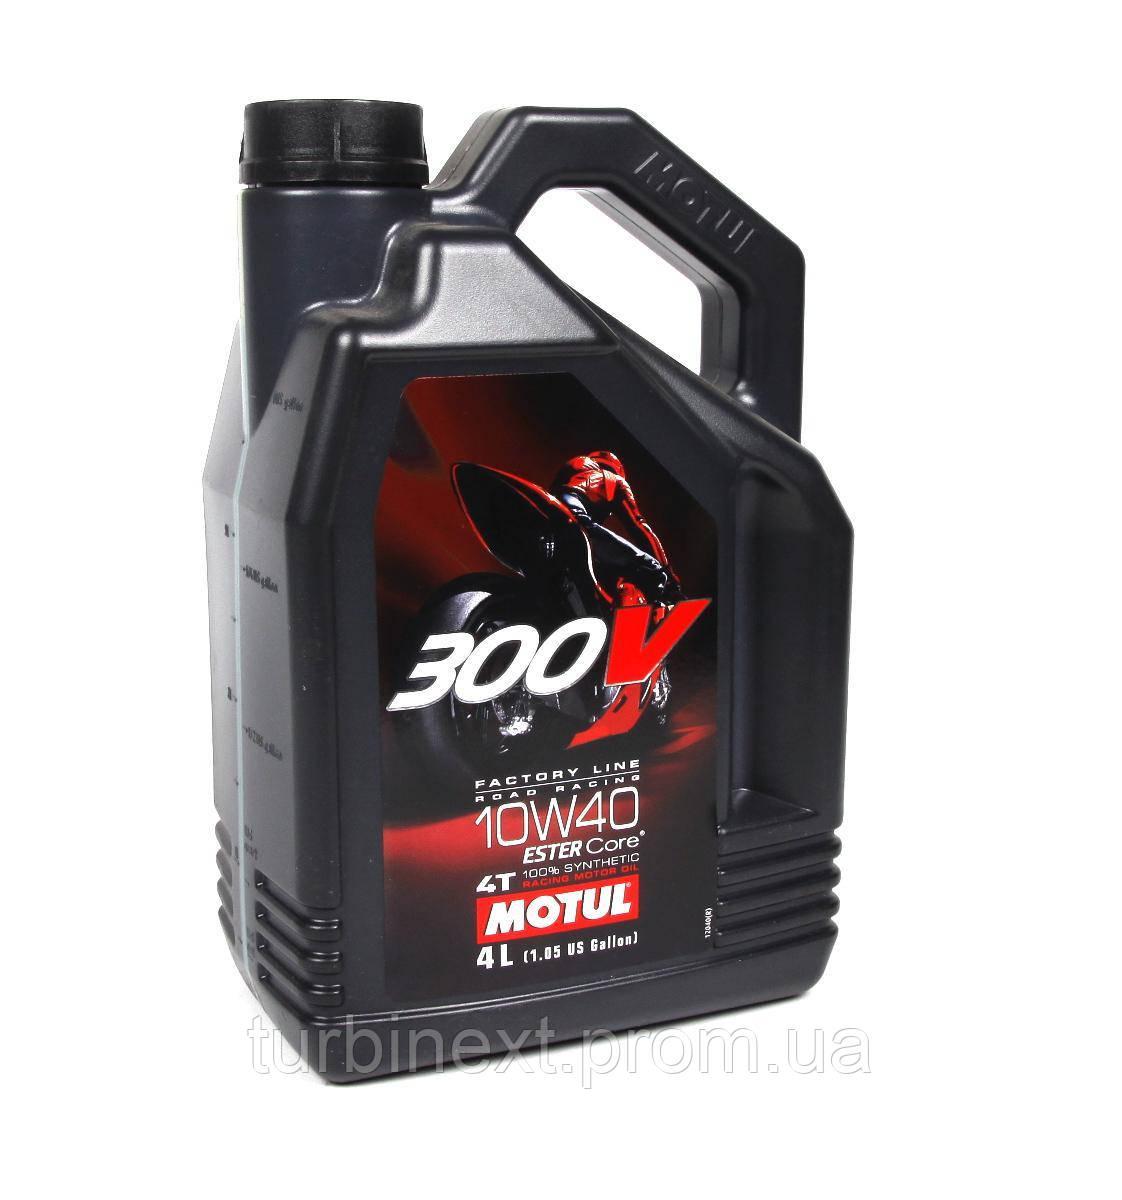 Масло 10W40 MOTUL 836141 300V 4T Factory Line Road Racing (4L) (104121)